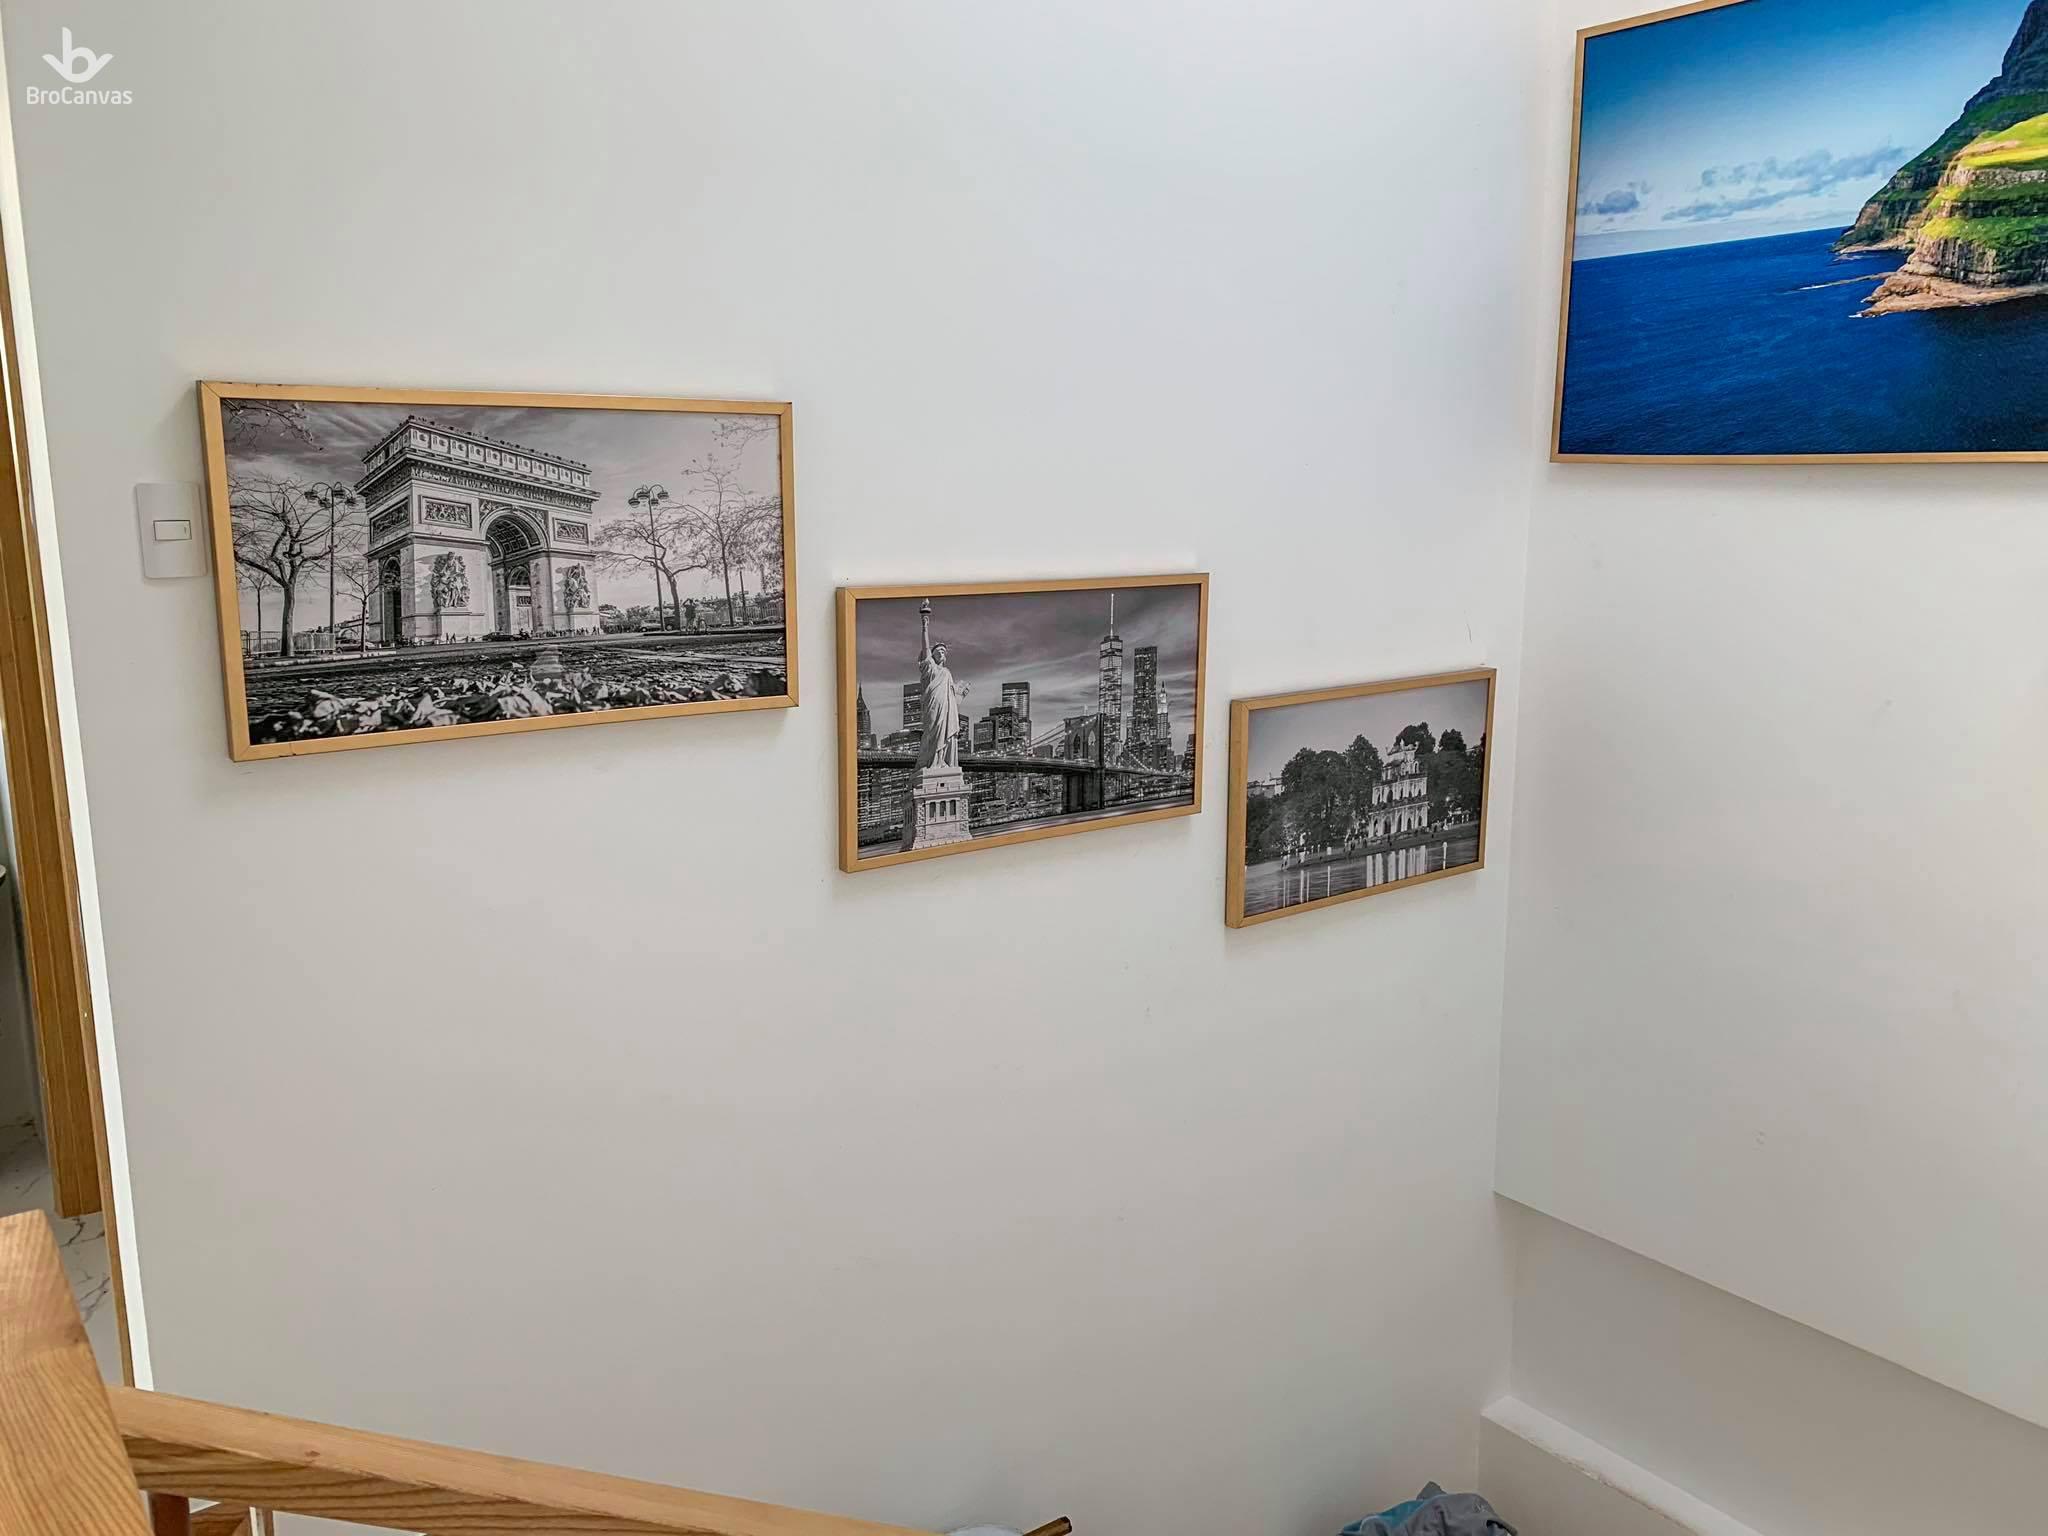 Những bức tranh treo tường homestay tại Đà Nẵng cũng mang lại giá trị tinh thần lớn